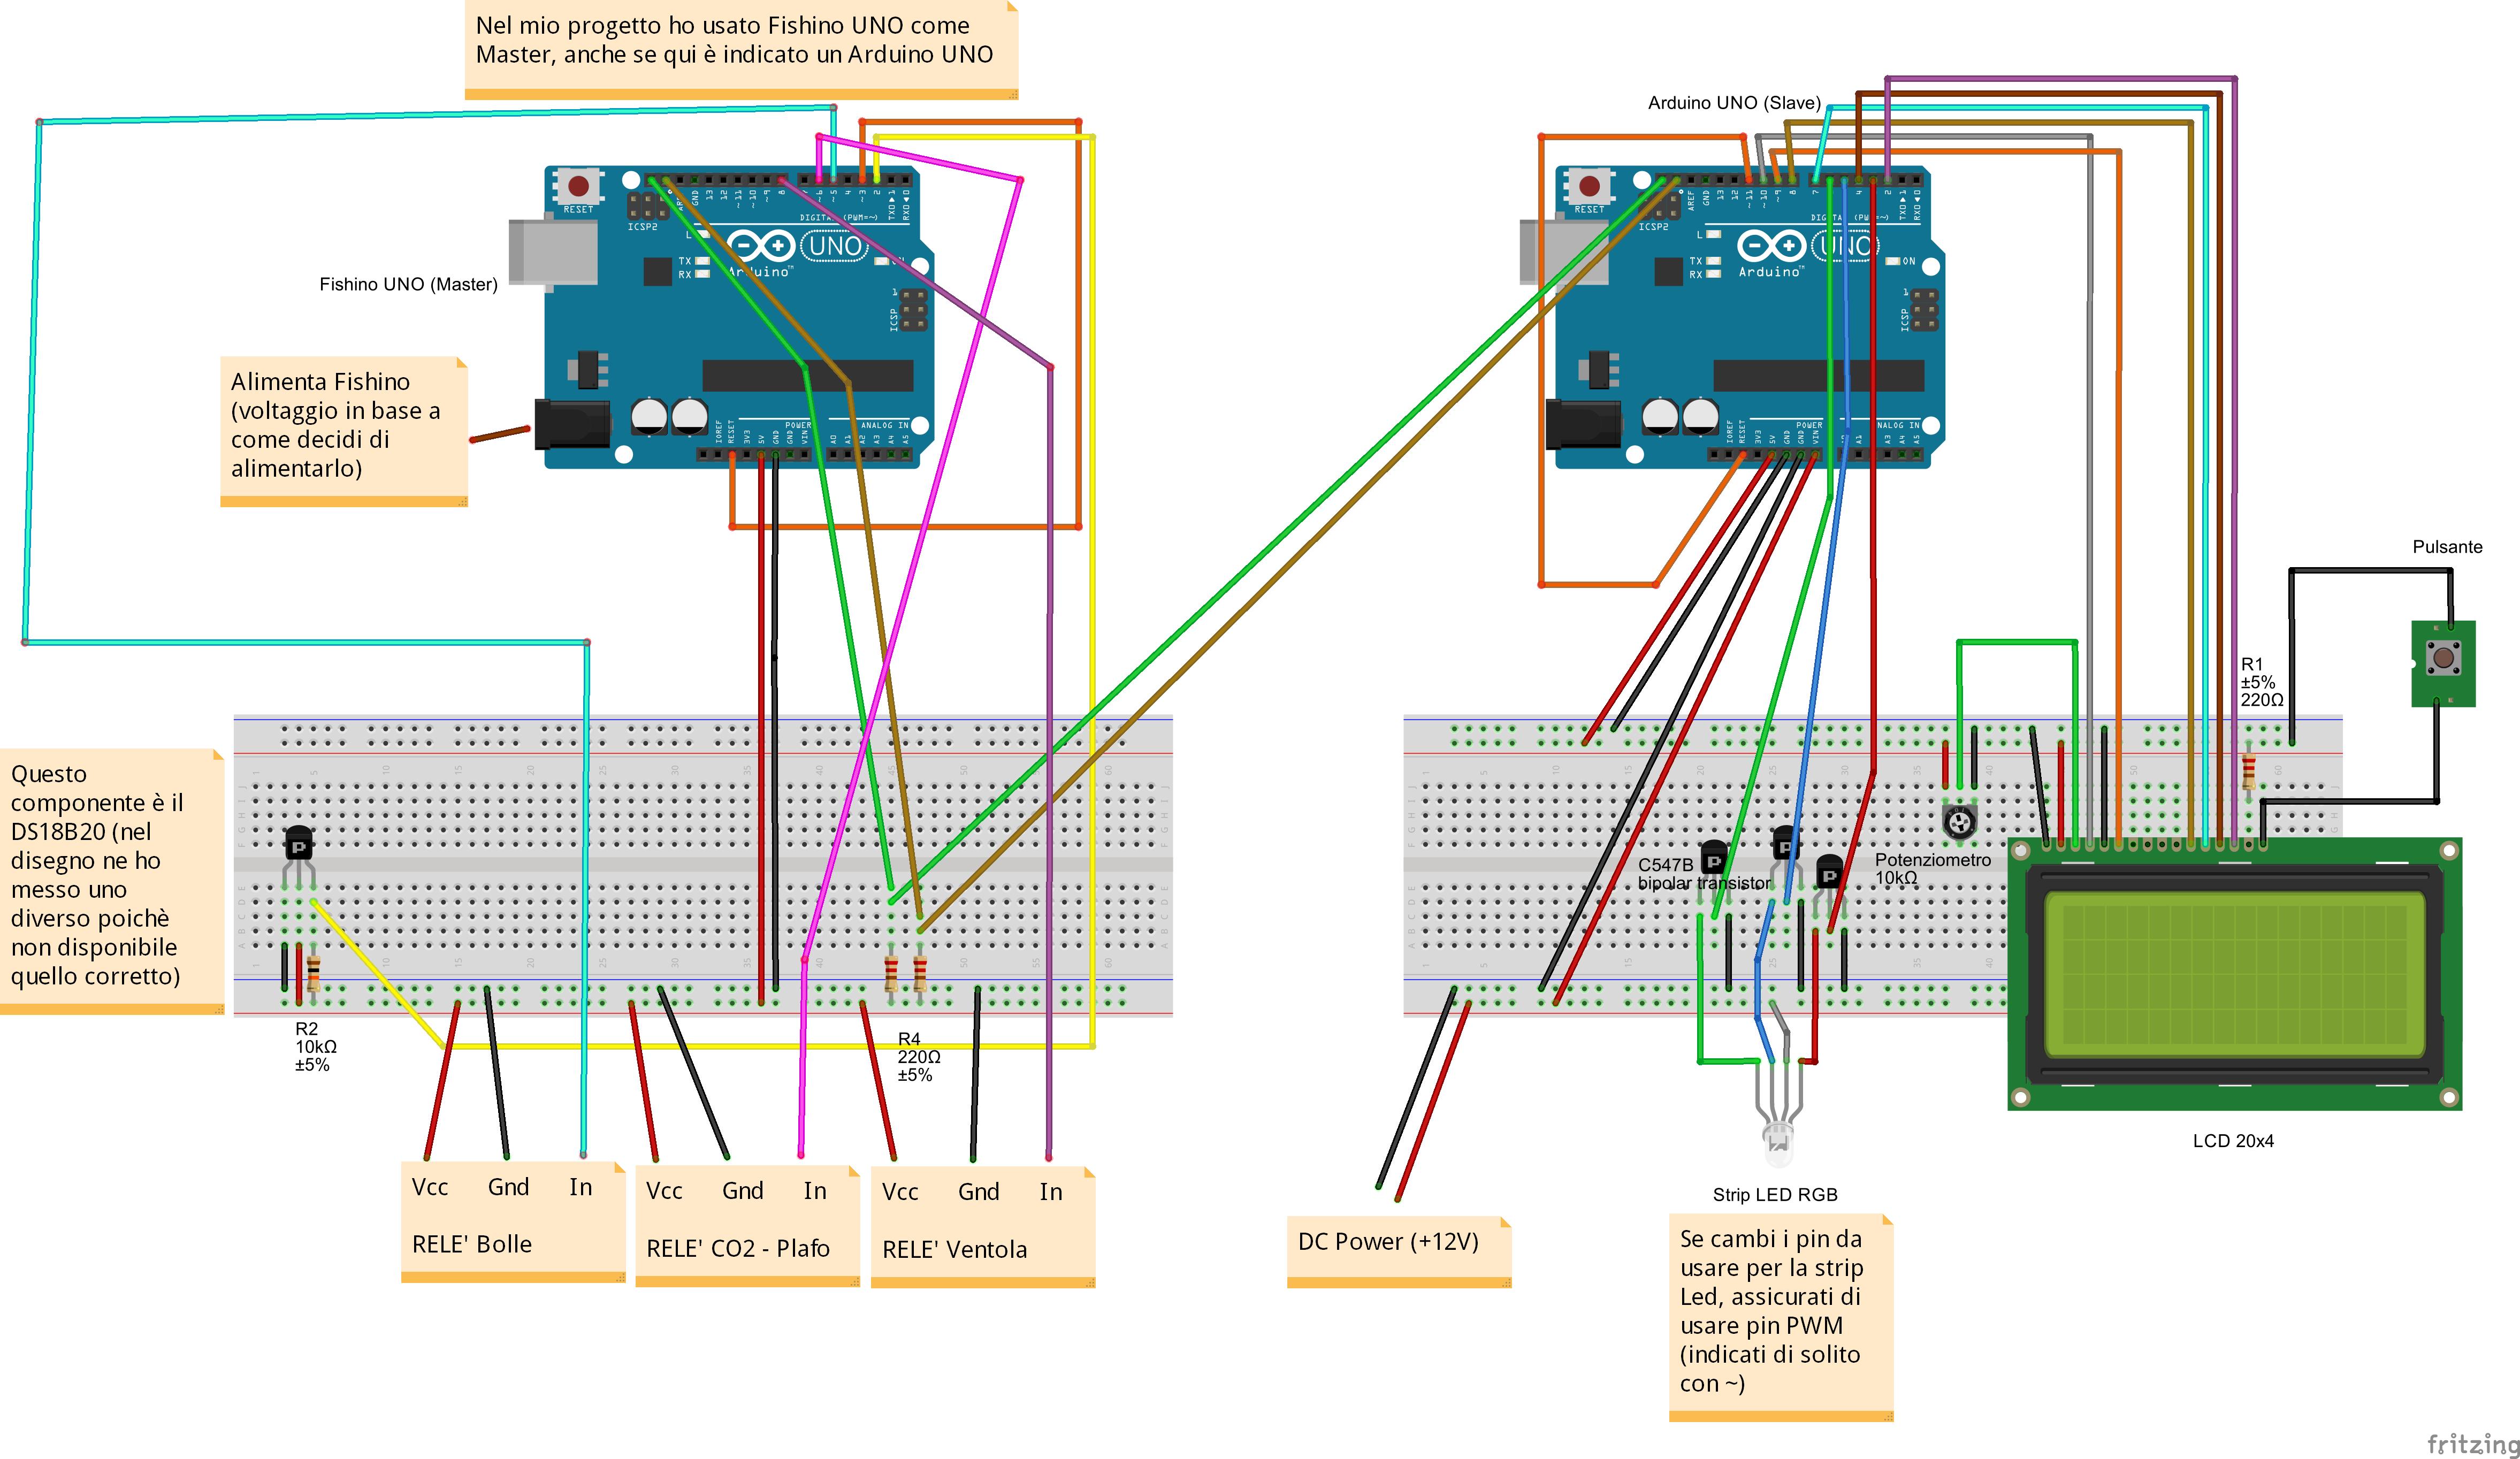 Schema circuito (per vederlo al meglio conviene scaricare l'immagine e vederla ingrandita)